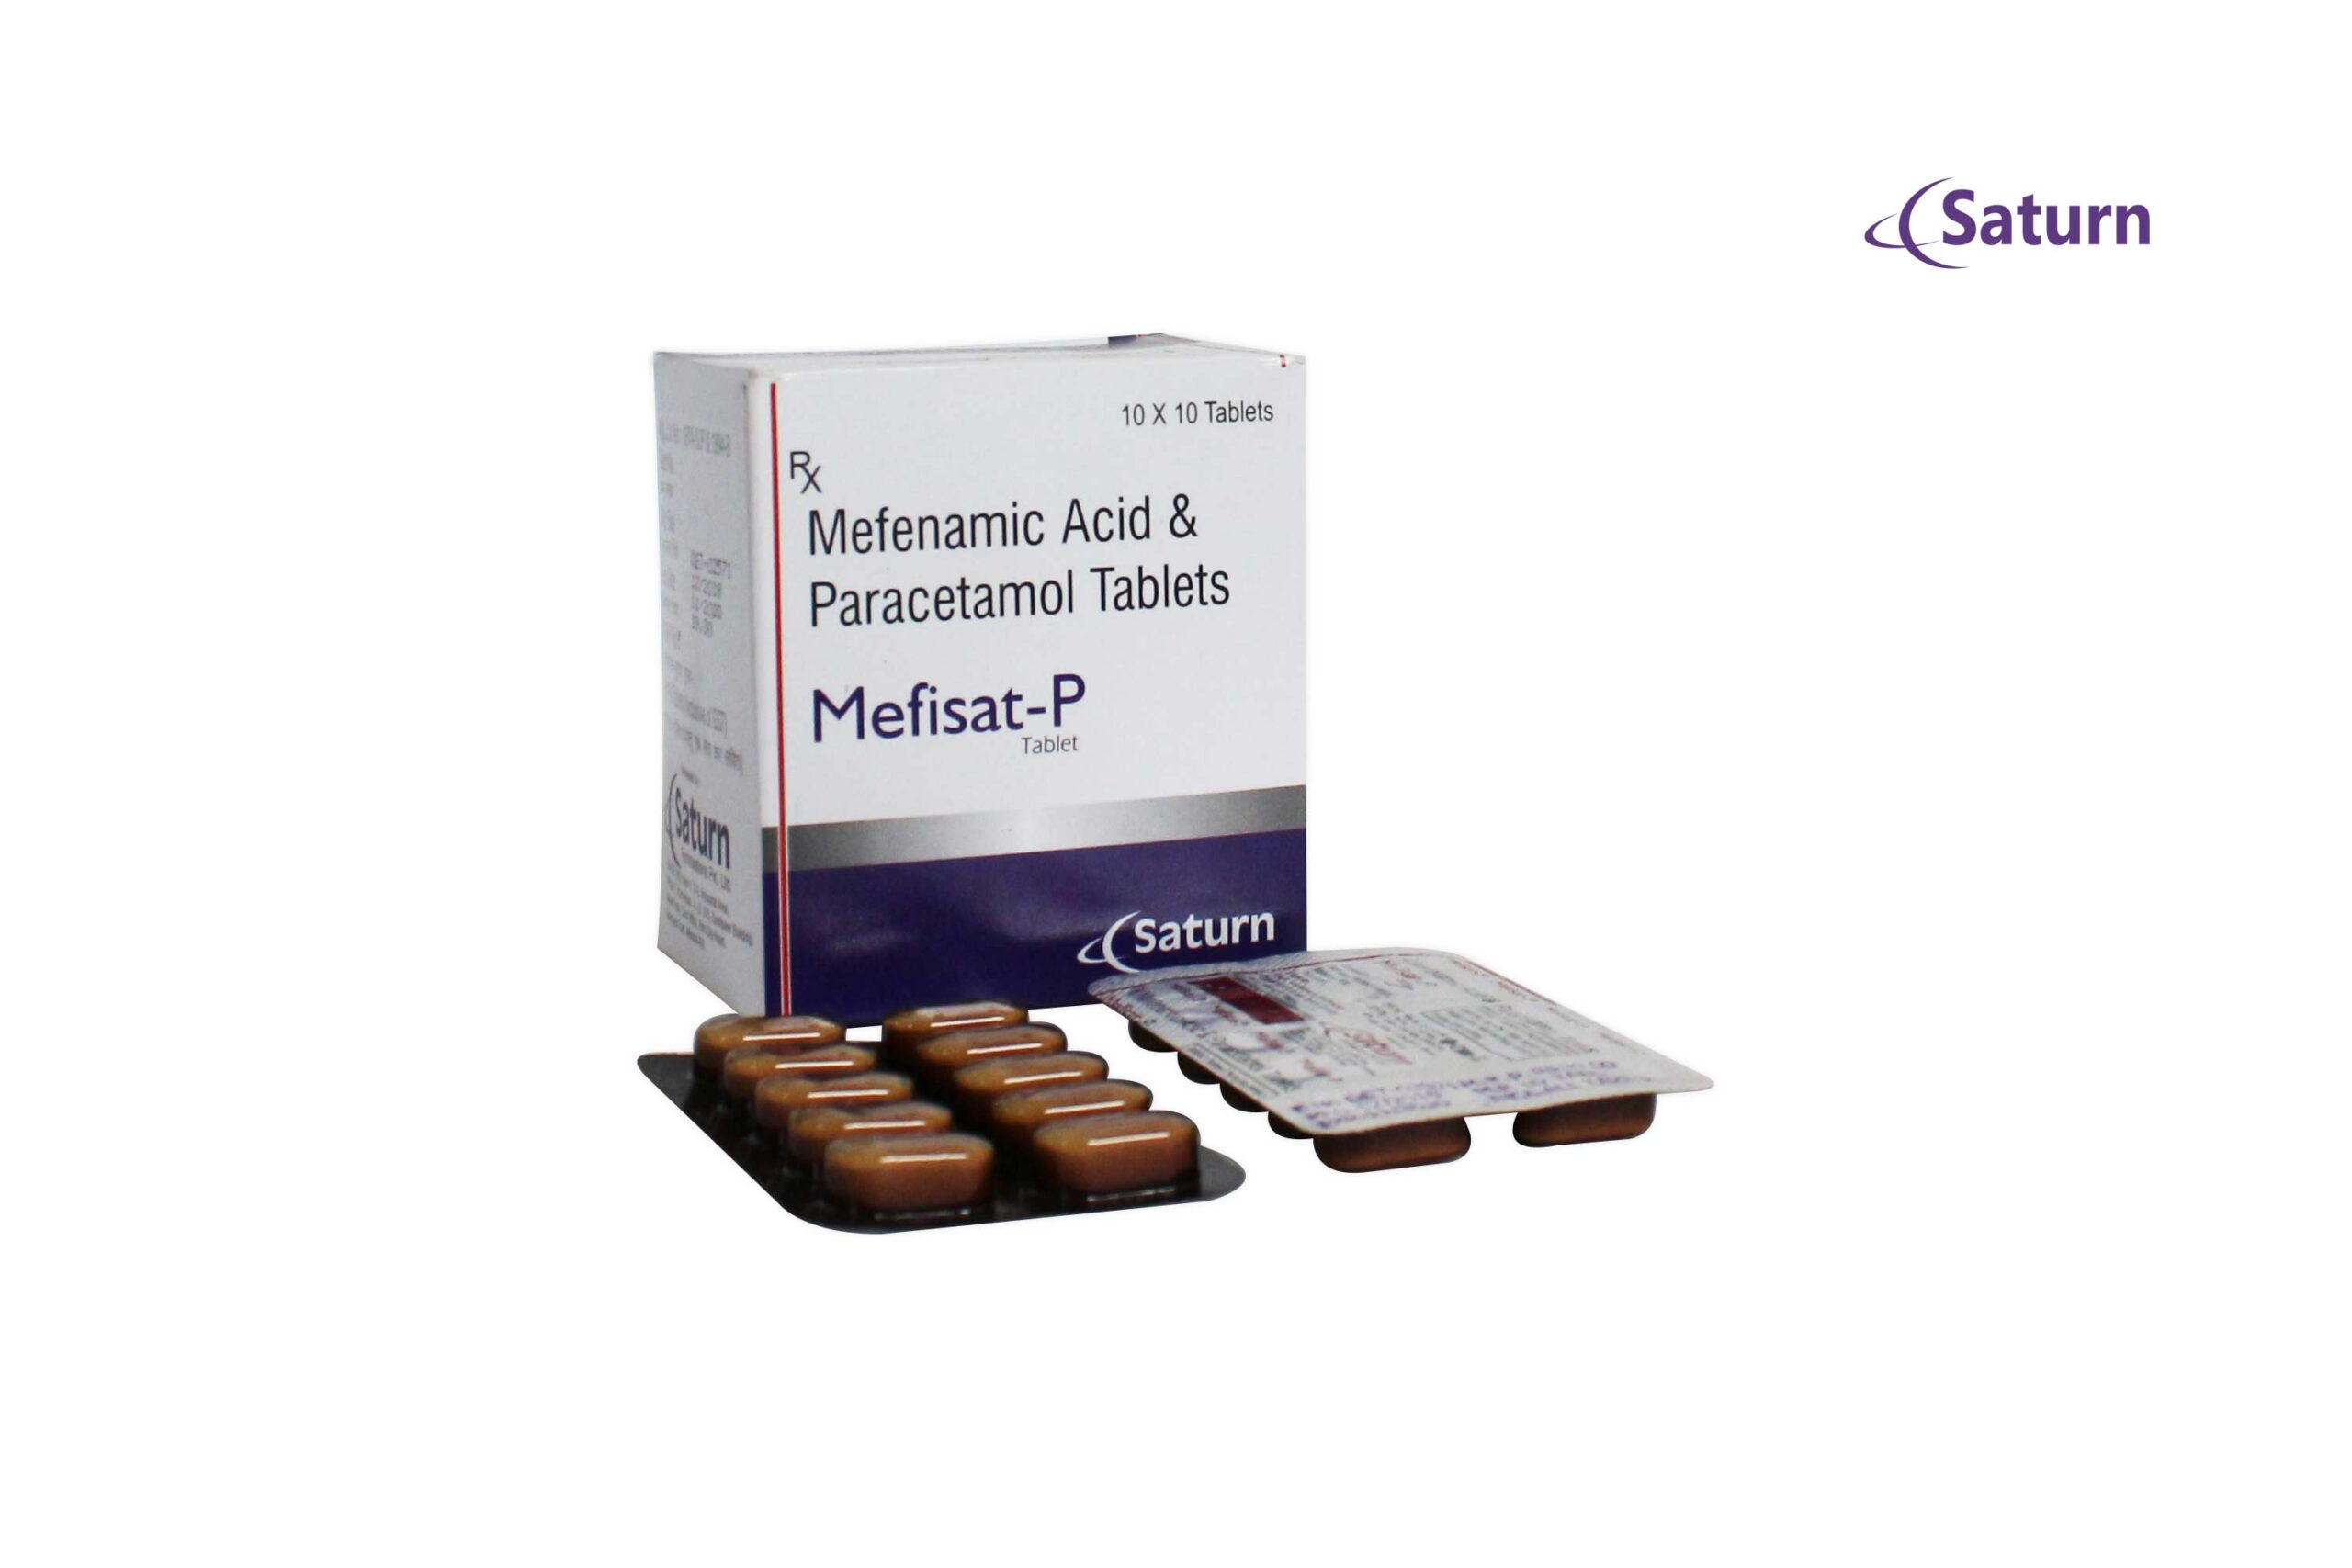 Mefisat-P